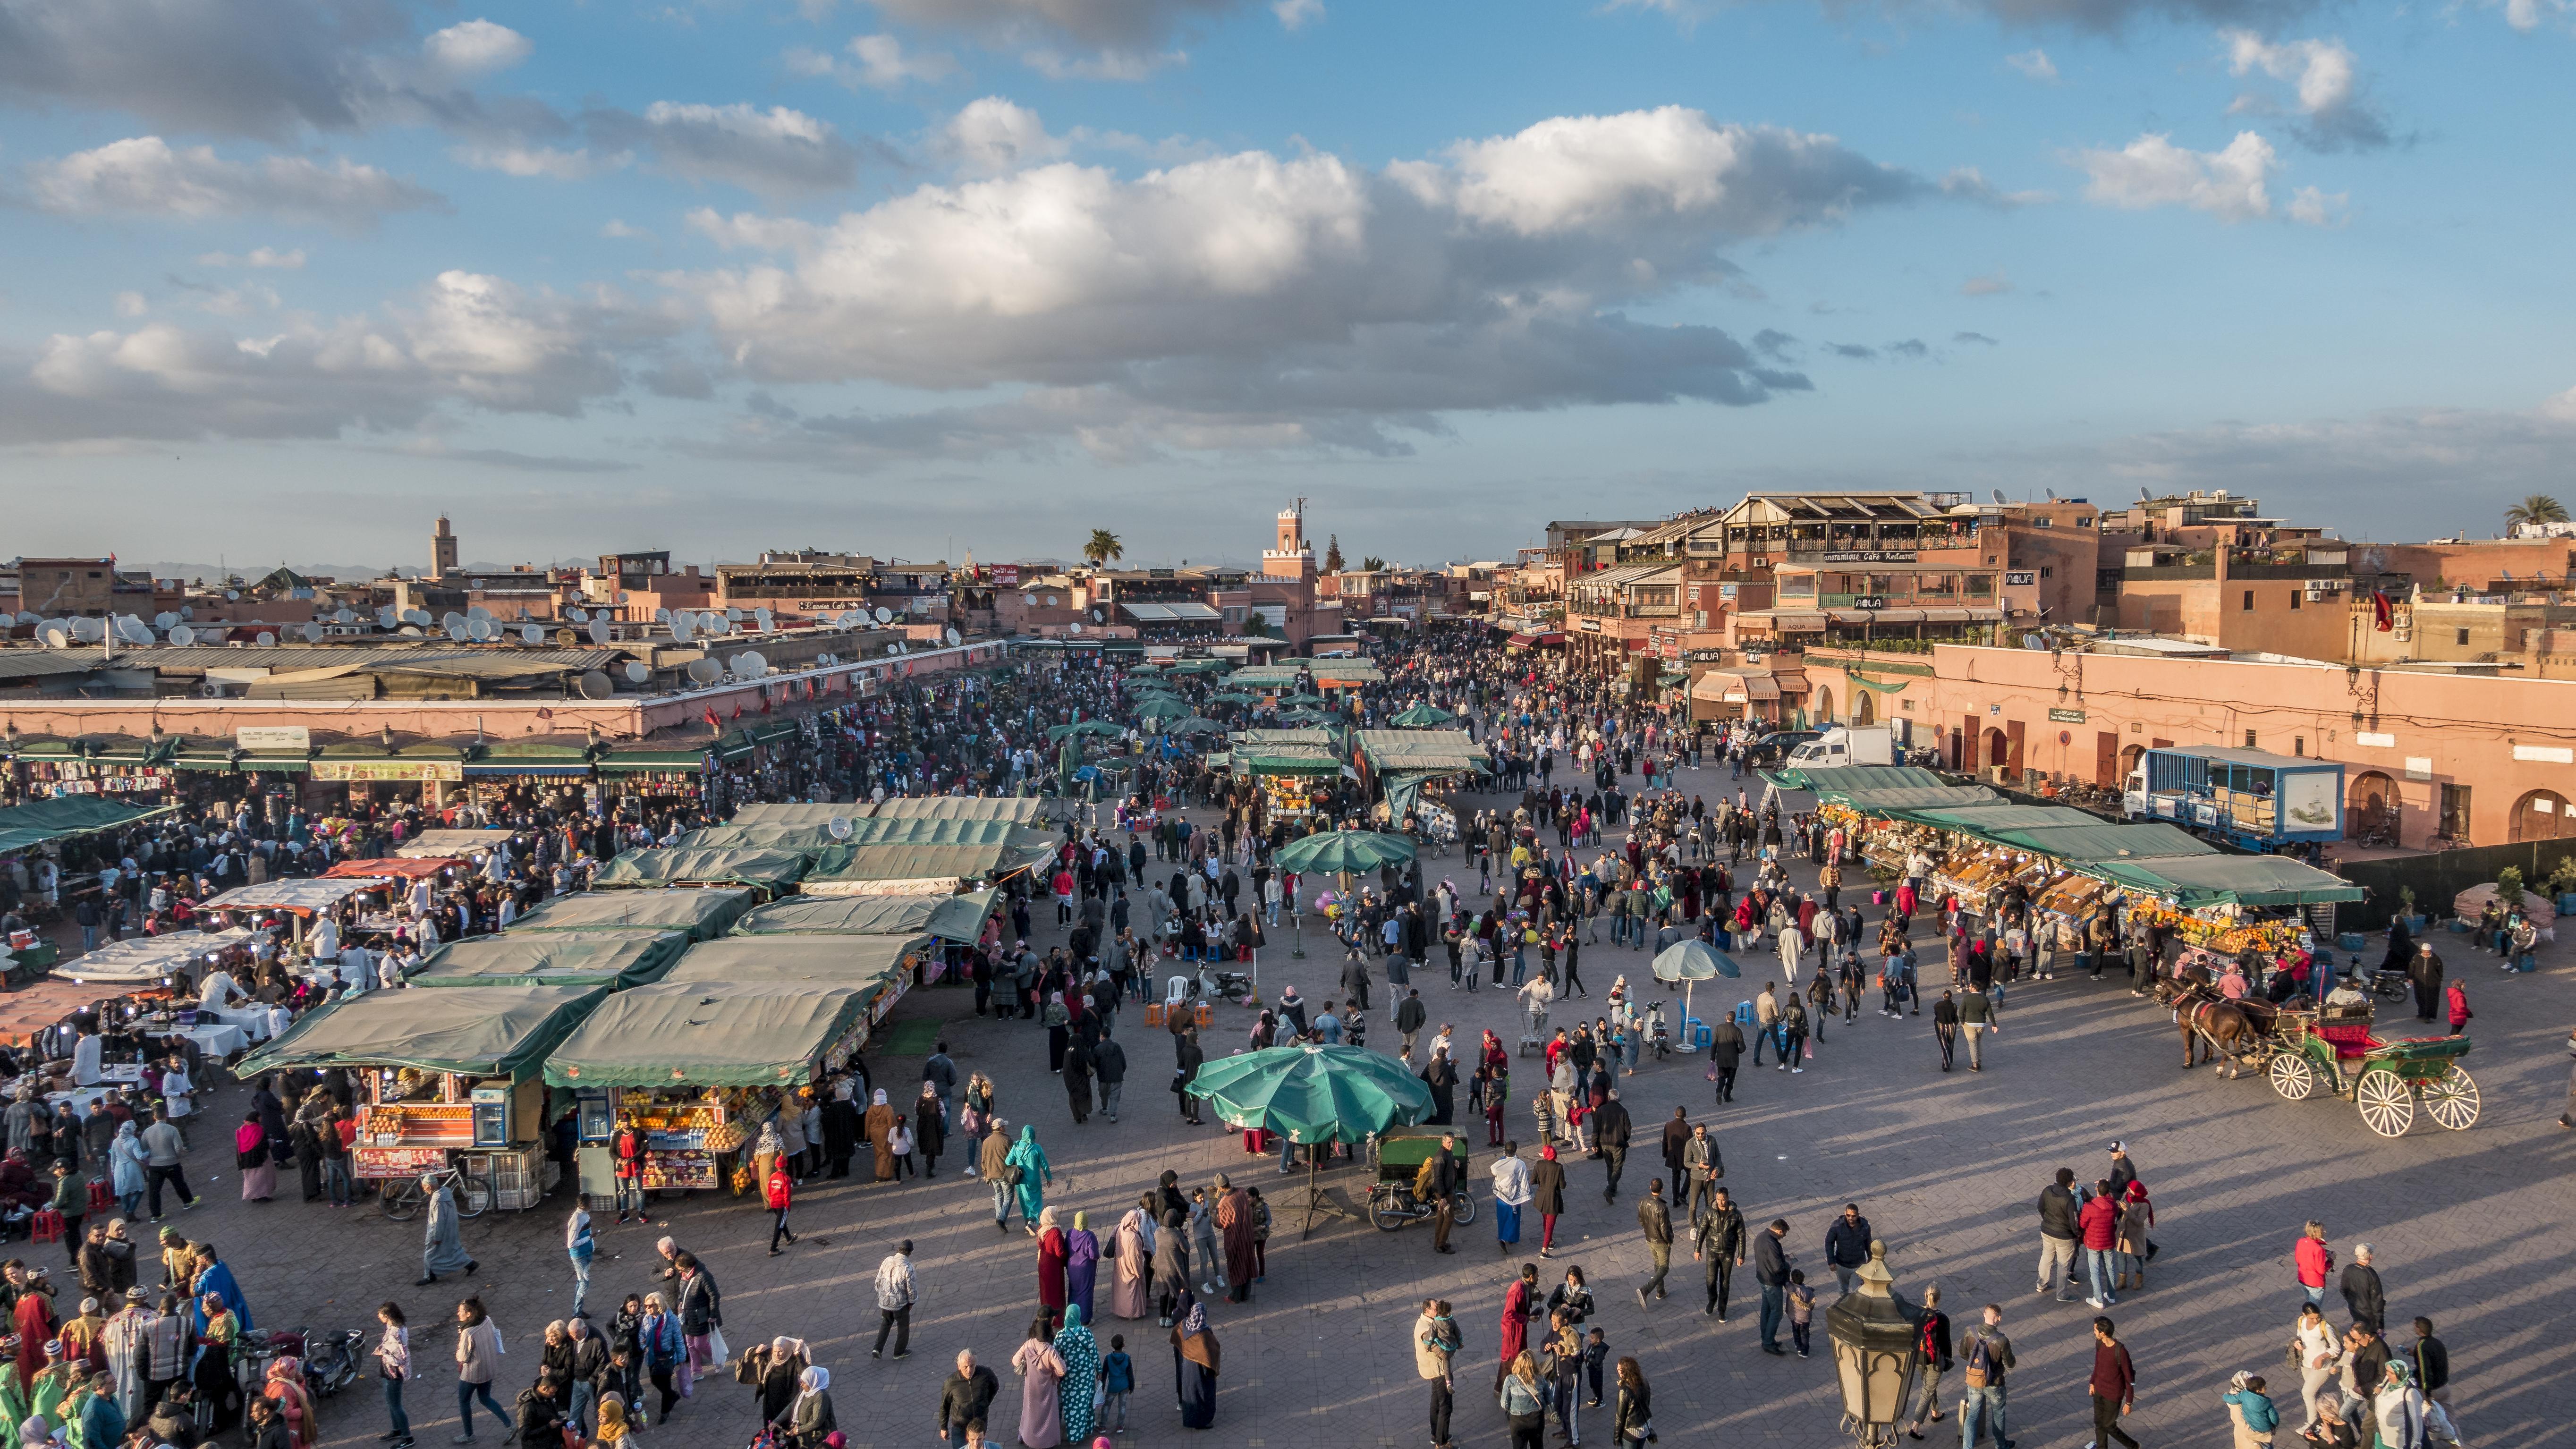 180411_396_Marrakech